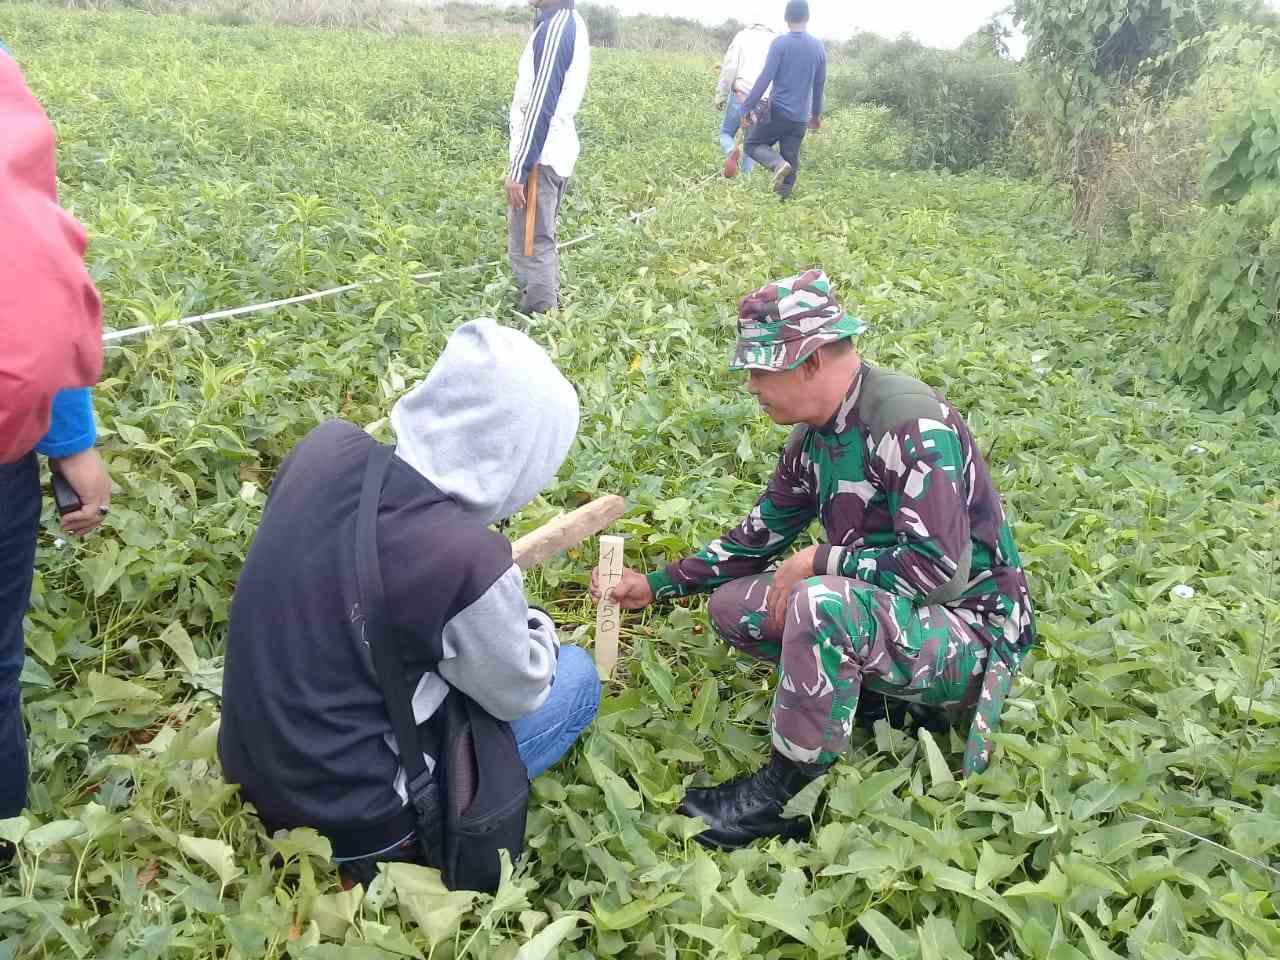 Pemasangan Patok Sasaran Program TMMD 106 Tahun 2019 di S. Kawerang Kab. Soppeng